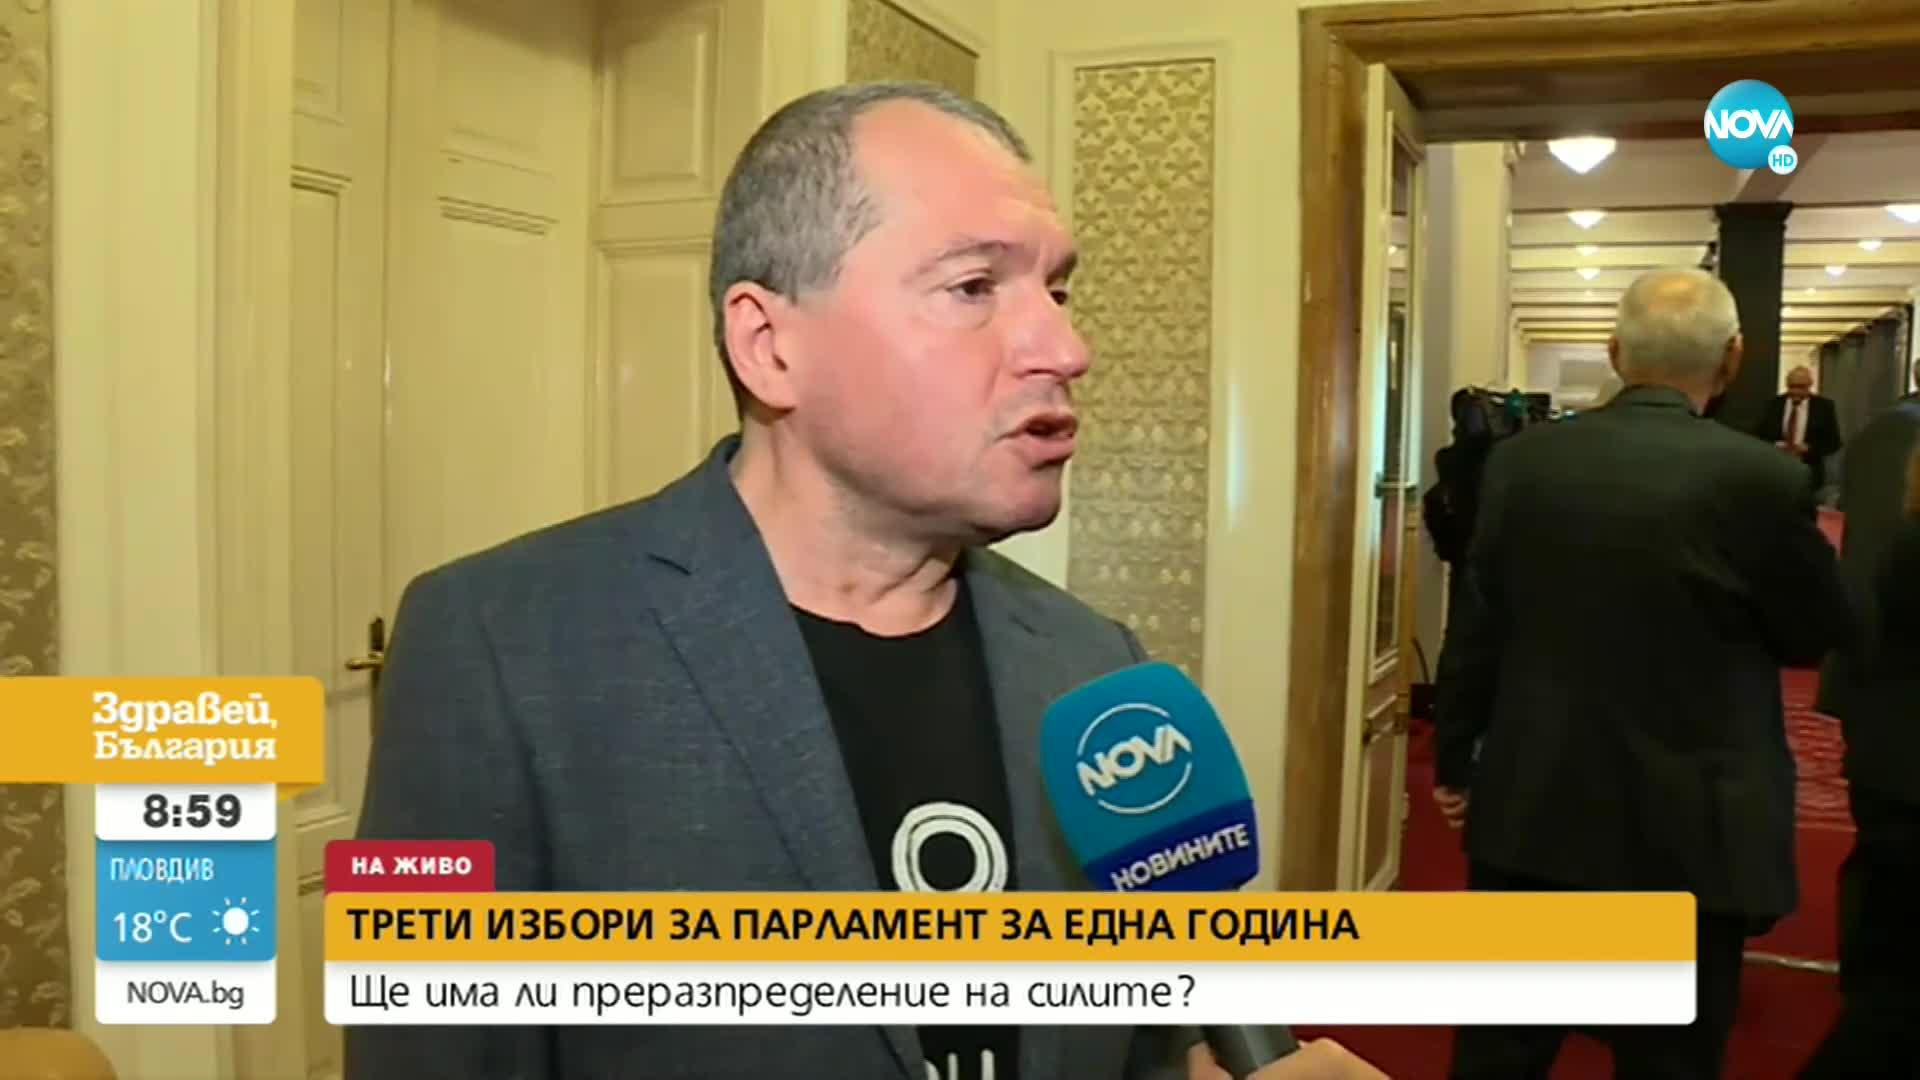 Тошко Йорданов: Ако в следващия парламент няма лицемерие, би трябвало да има редовен кабинет